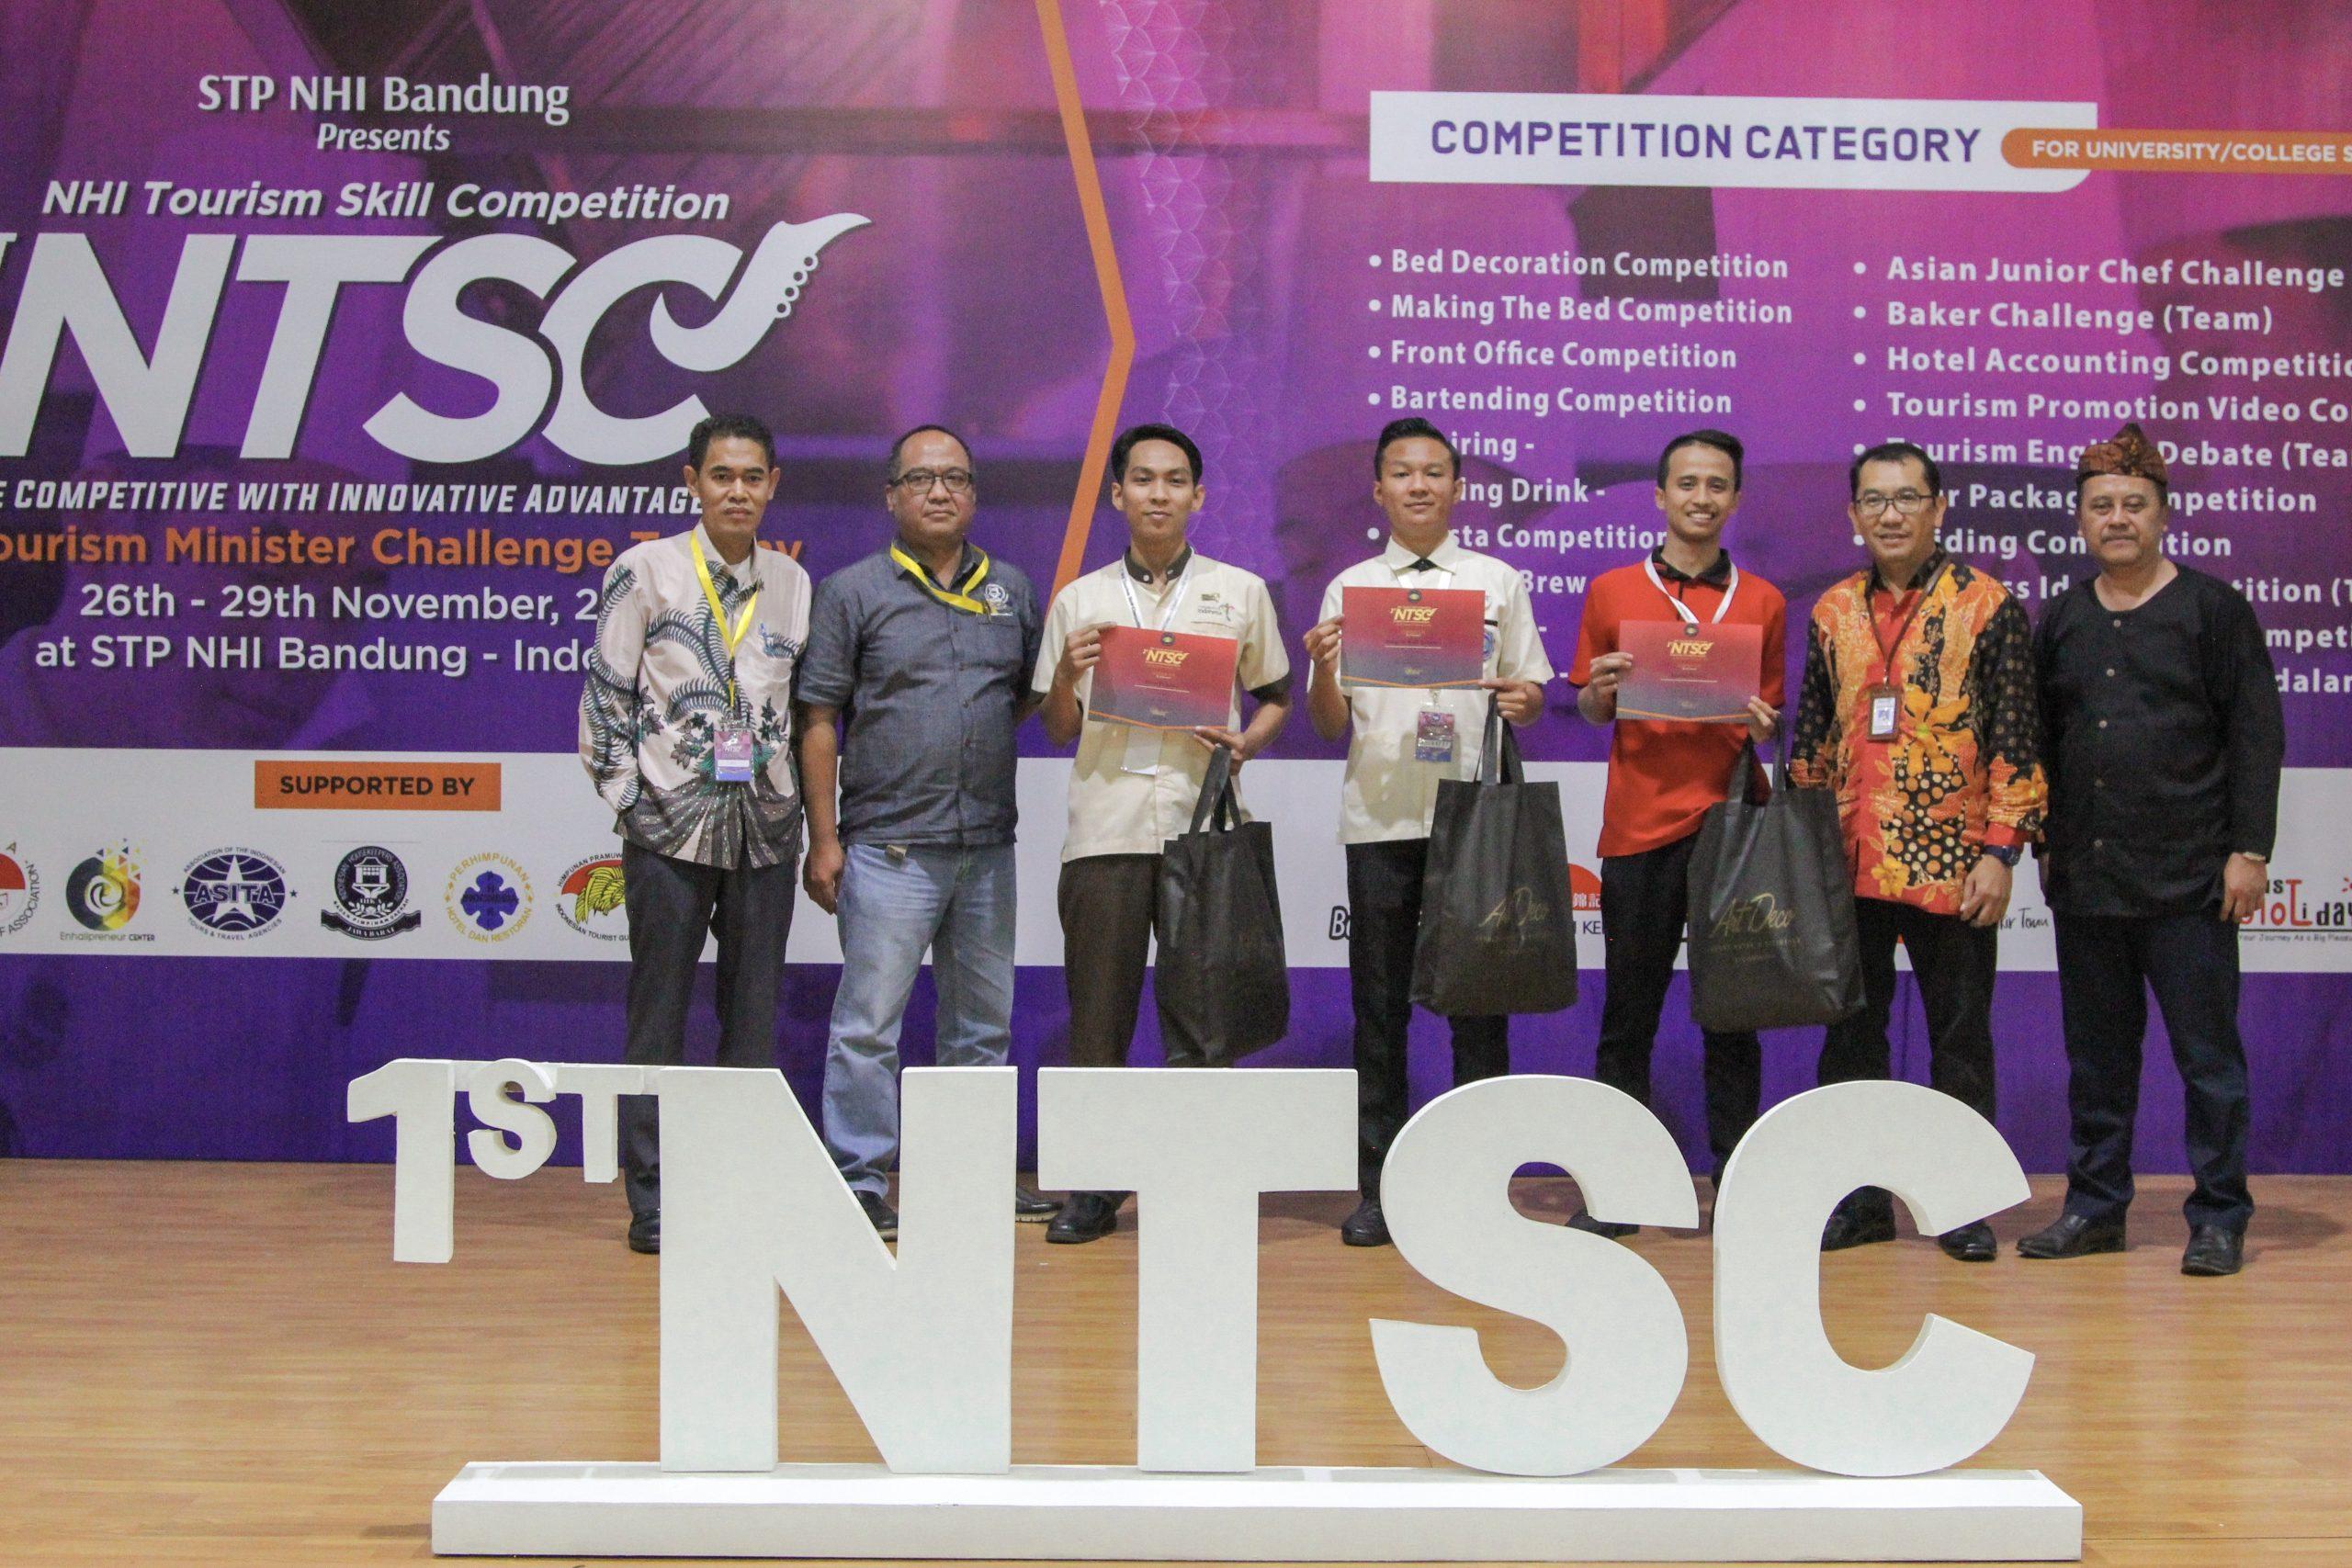 D3 – Perhotelan Raih Juara 3 Making Bed di Kompetisi 1st NTSC di STP NHI Bandung